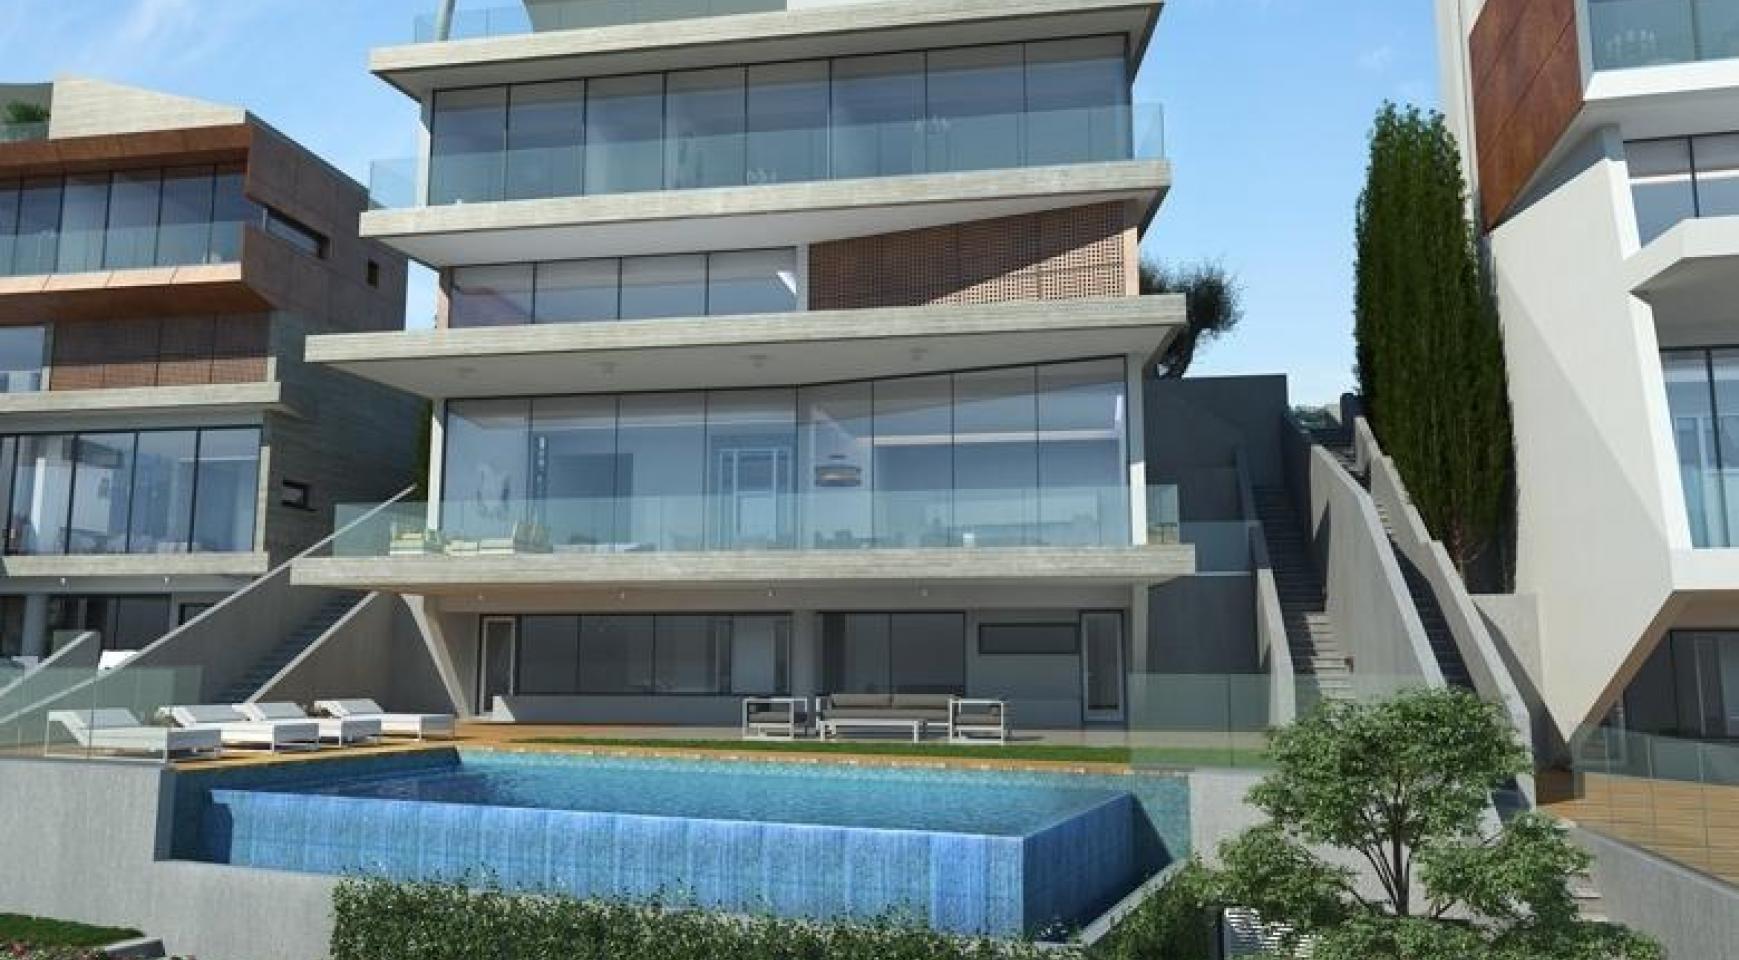 4 Bedroom Villa with Sea Views in Agios Tychonas Area - 1